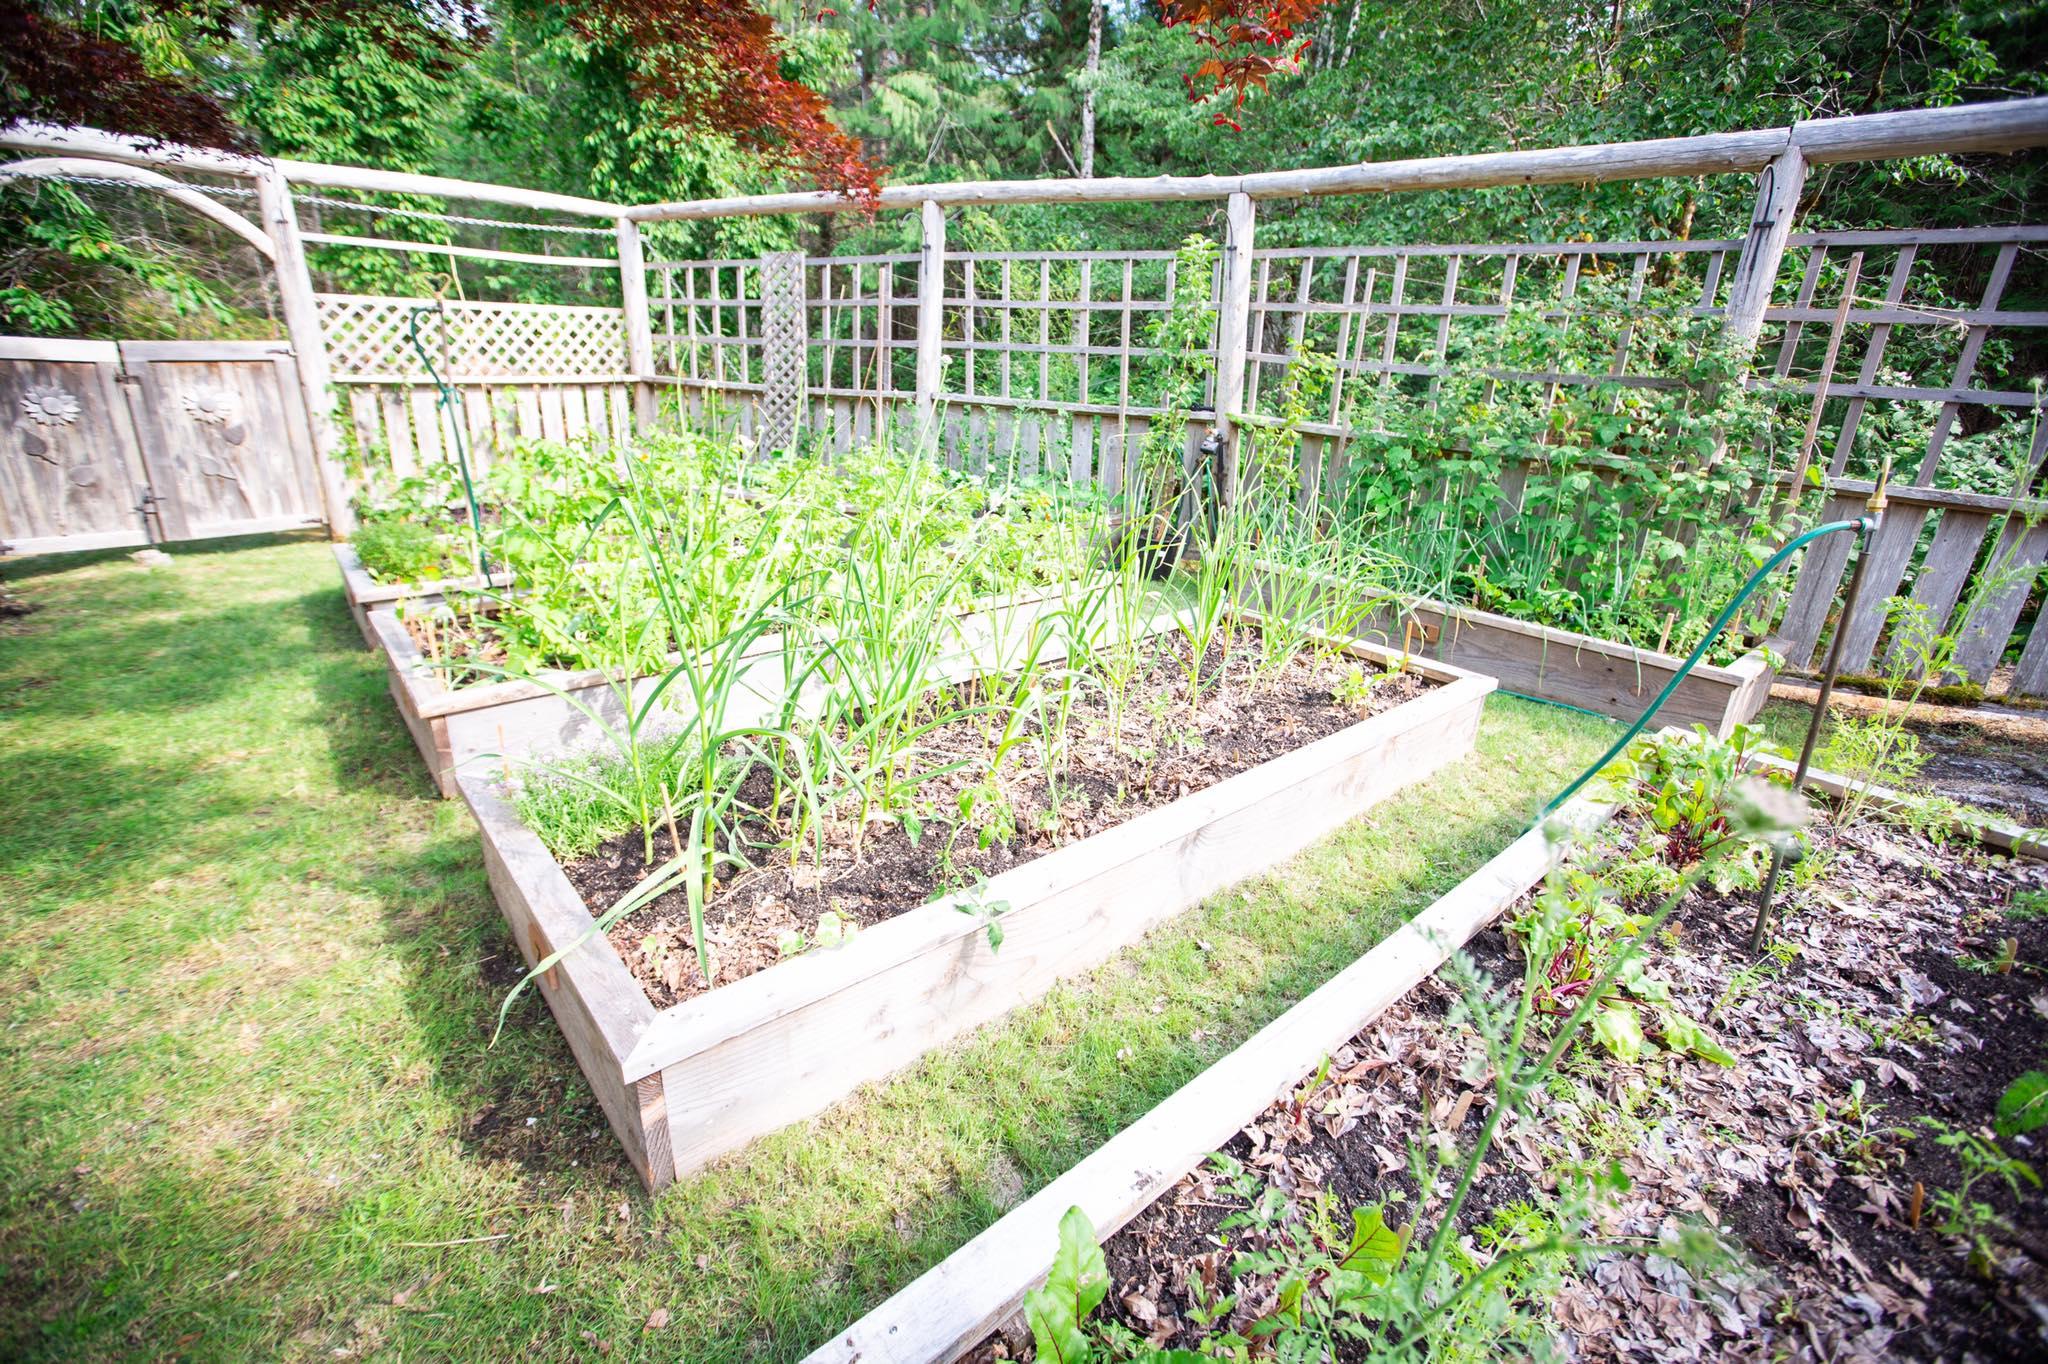 Cô gái xinh đẹp luôn tràn ngập năng lượng hạnh phúc khi trồng cả khu vườn toàn rau quả sạch-28